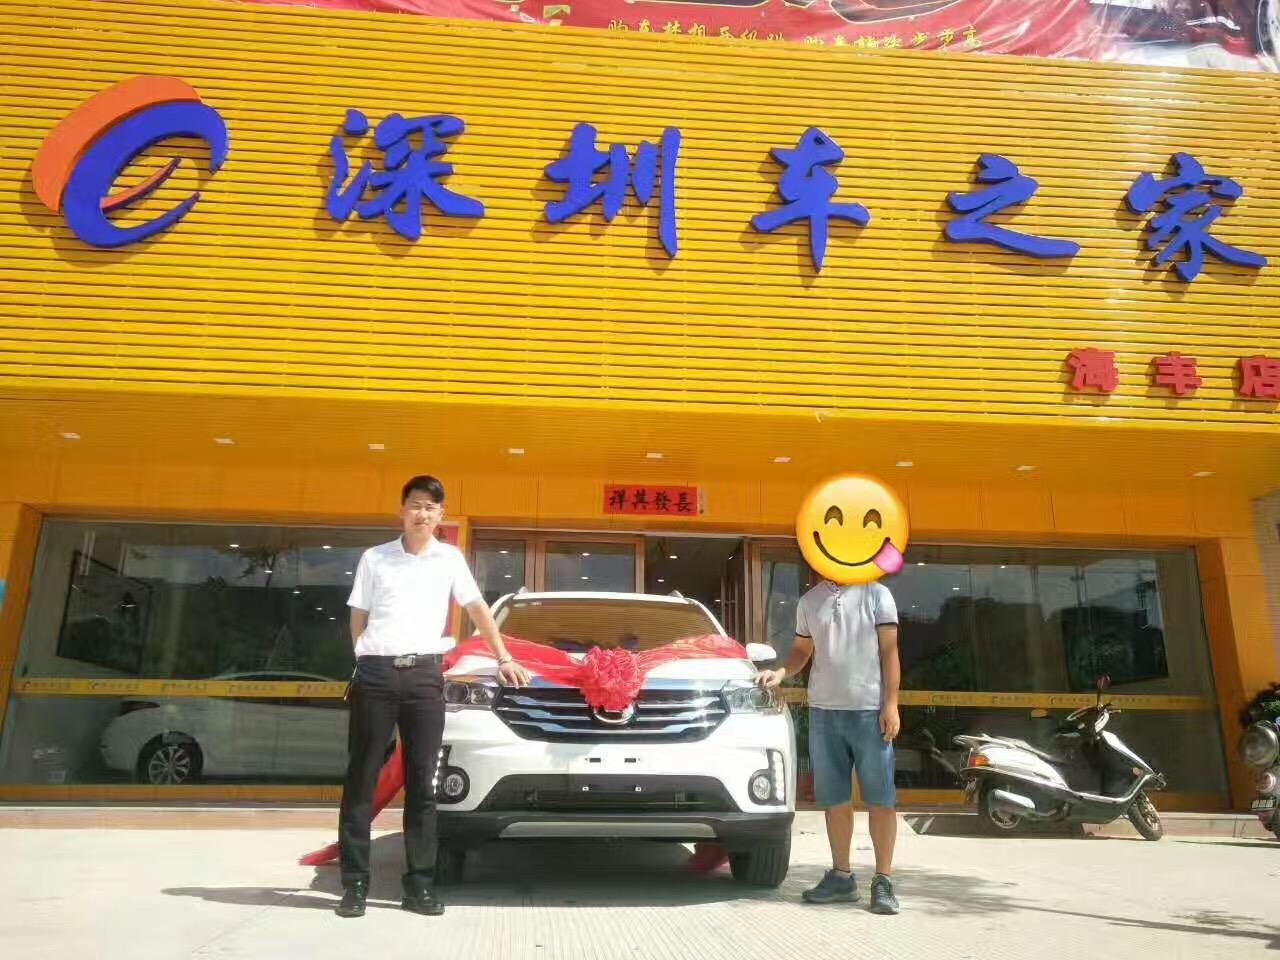 深圳车之家汽车租赁以租代购汽车配件精品销售汽车信息咨询。全程代办零